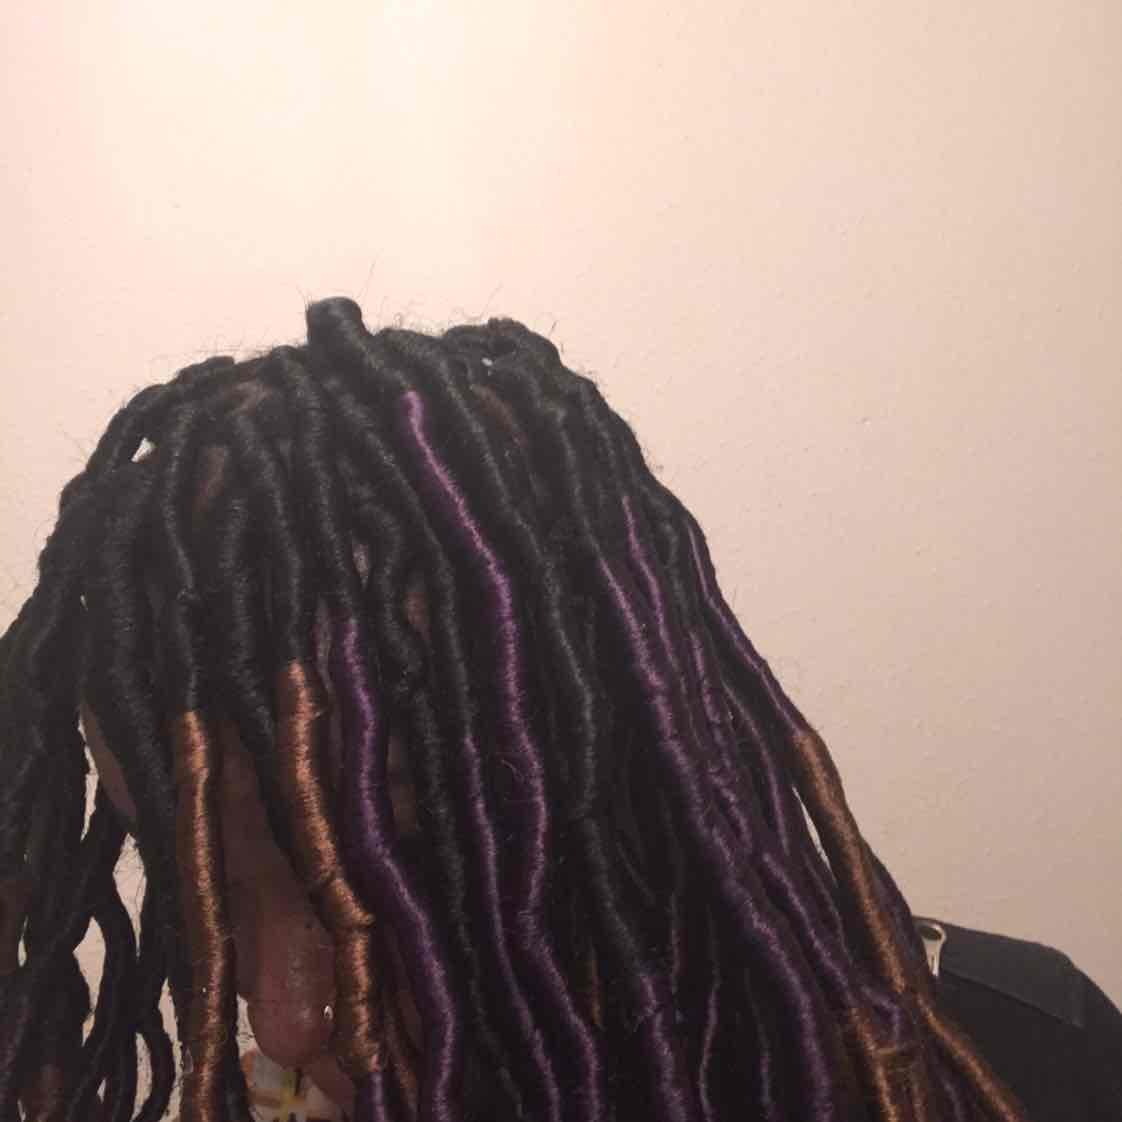 salon de coiffure afro tresse tresses box braids crochet braids vanilles tissages paris 75 77 78 91 92 93 94 95 YGXQFVCA